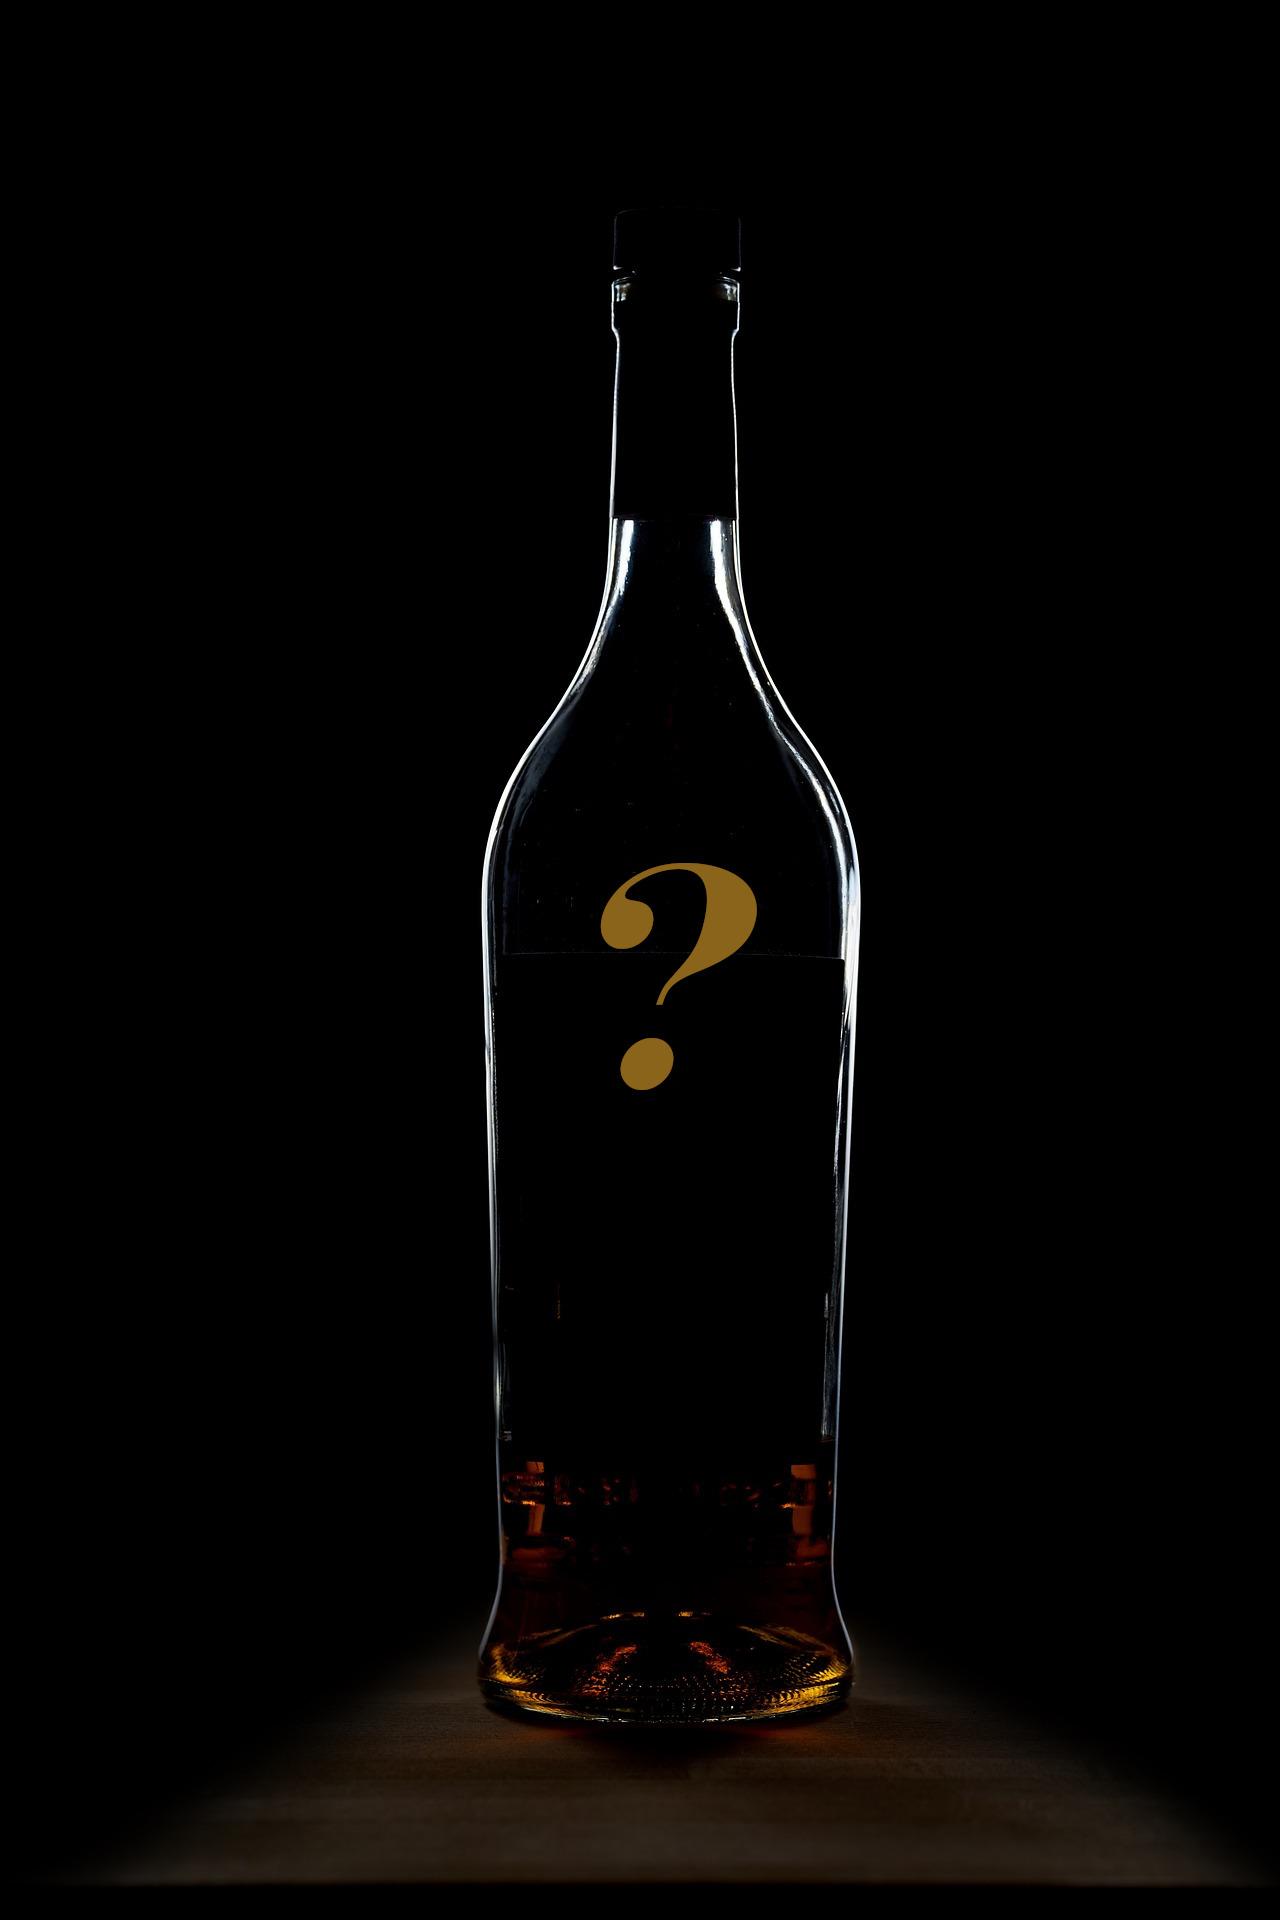 Botella Sorpresa en Cata de Whisky